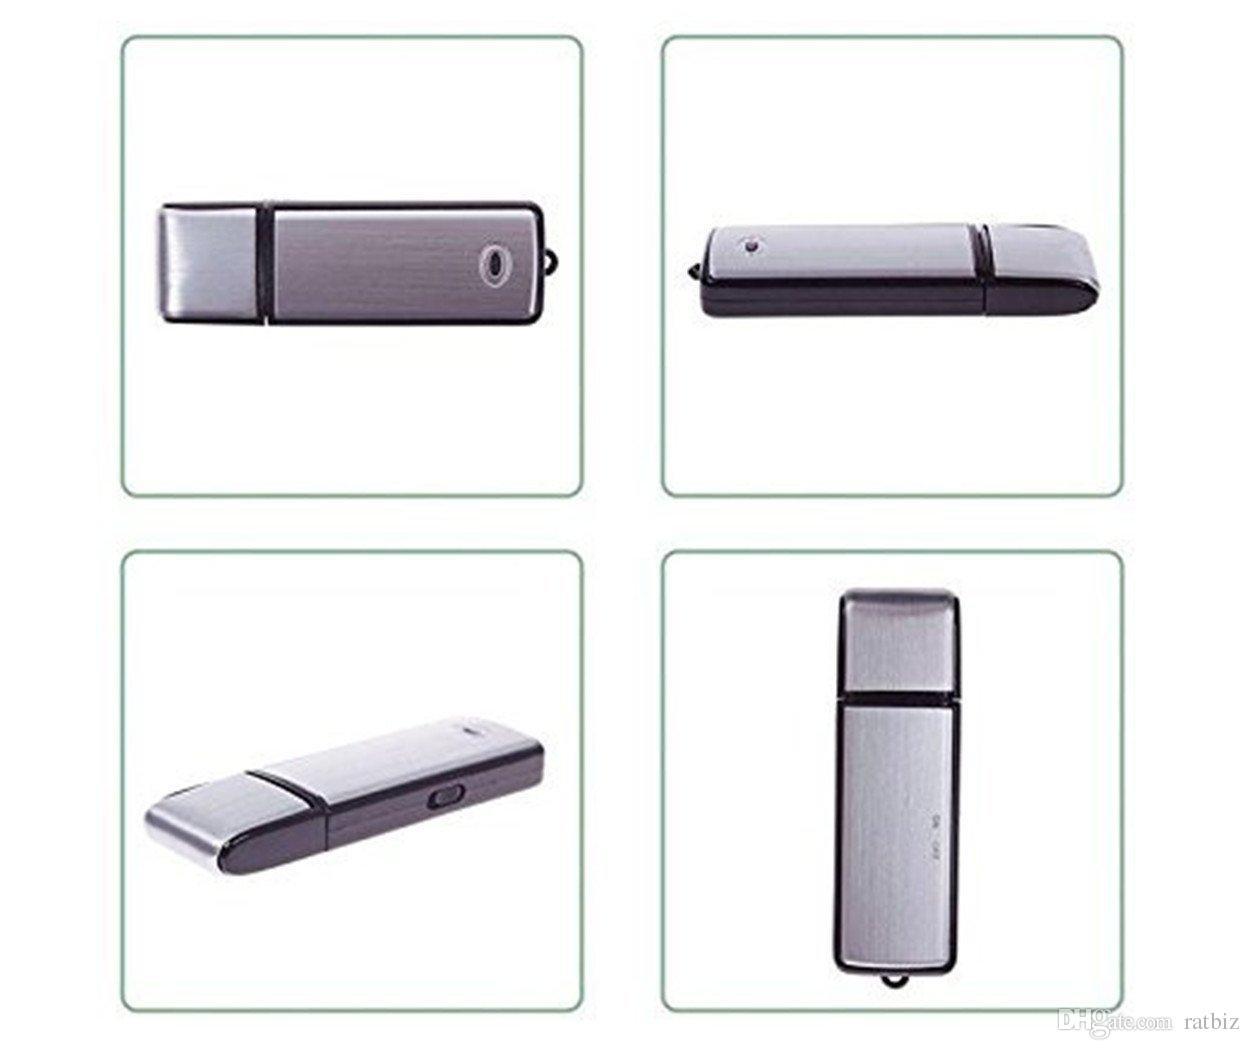 مسجل صوت USB - جهاز تسجيل صوتي 8 جيجابايت - مسجل صوت رقمي - لا يوجد ضوء وامض عند التسجيل PQ141